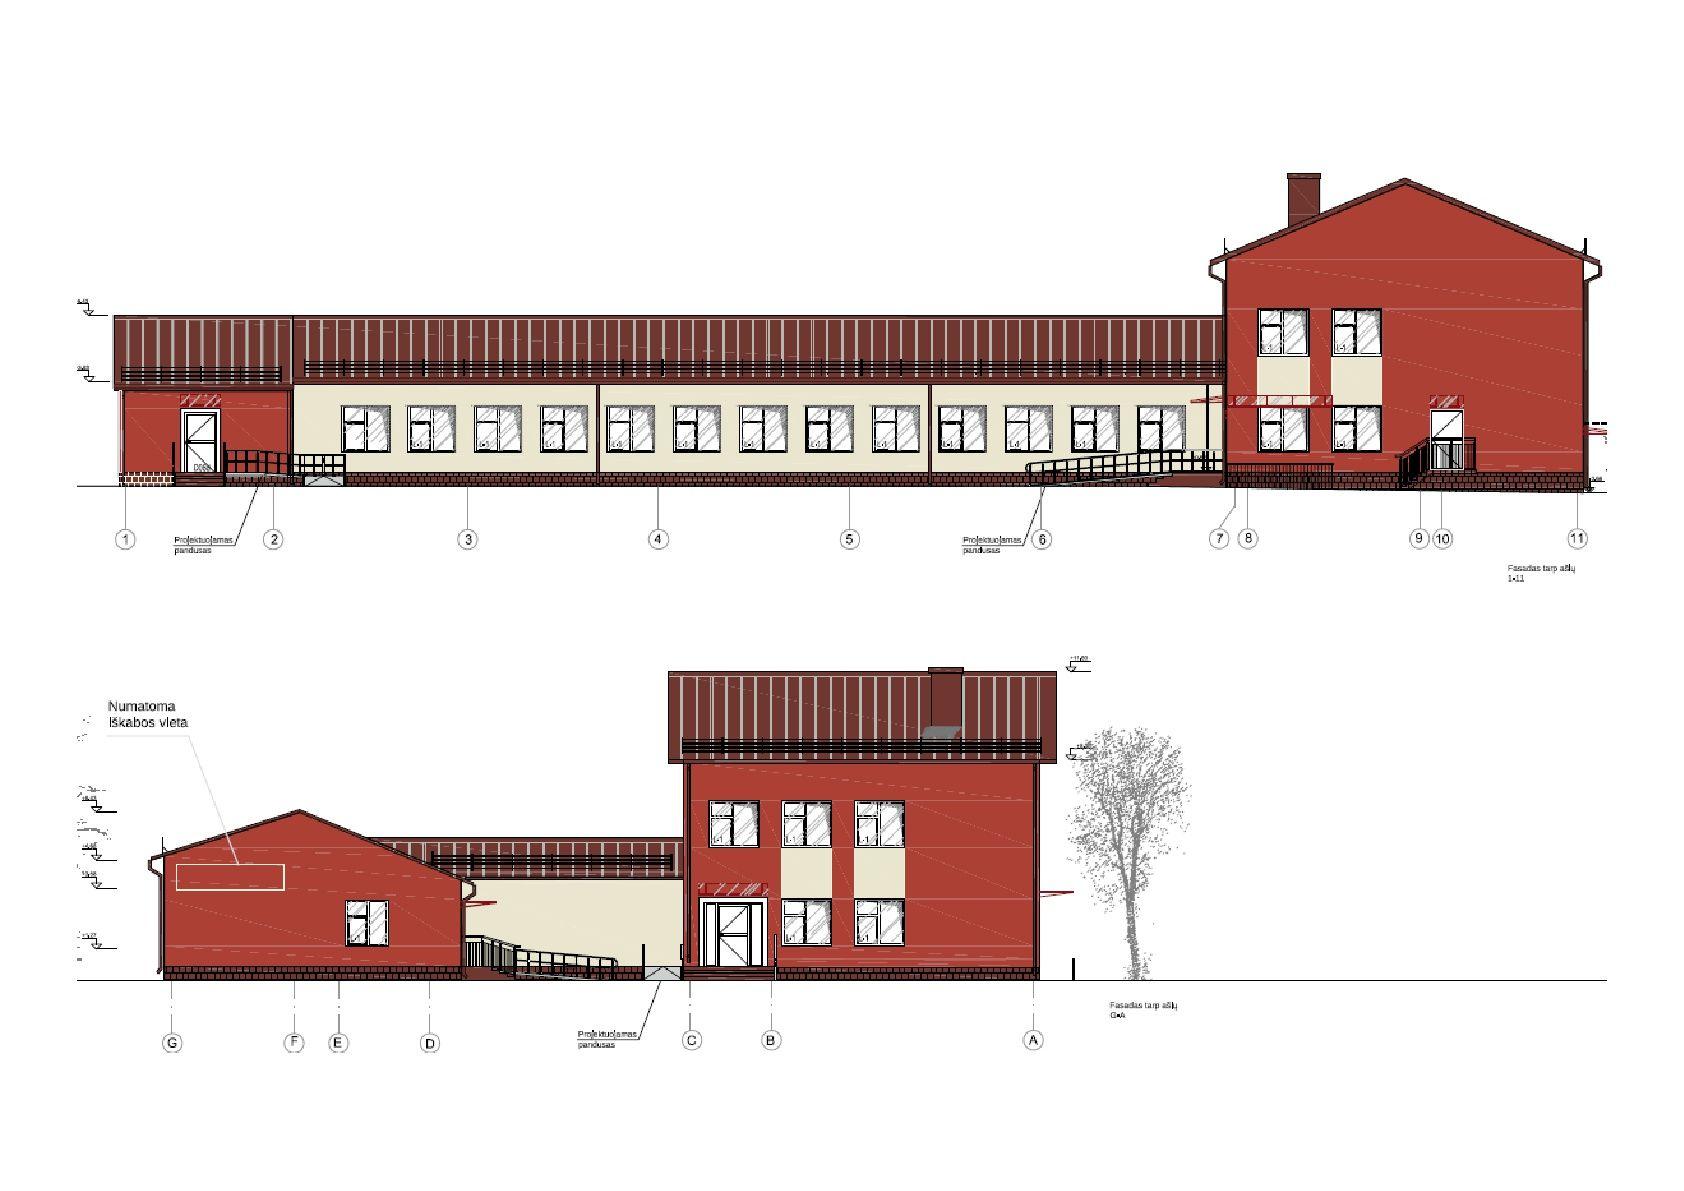 Rekonstravus buvusios Girininkų mokyklos pastatą, čia įsikurs senelių namai Rokų gerovės centras, bus sukurta 15 naujų darbo vietų | Kauno rajono savivaldybės nuotr.